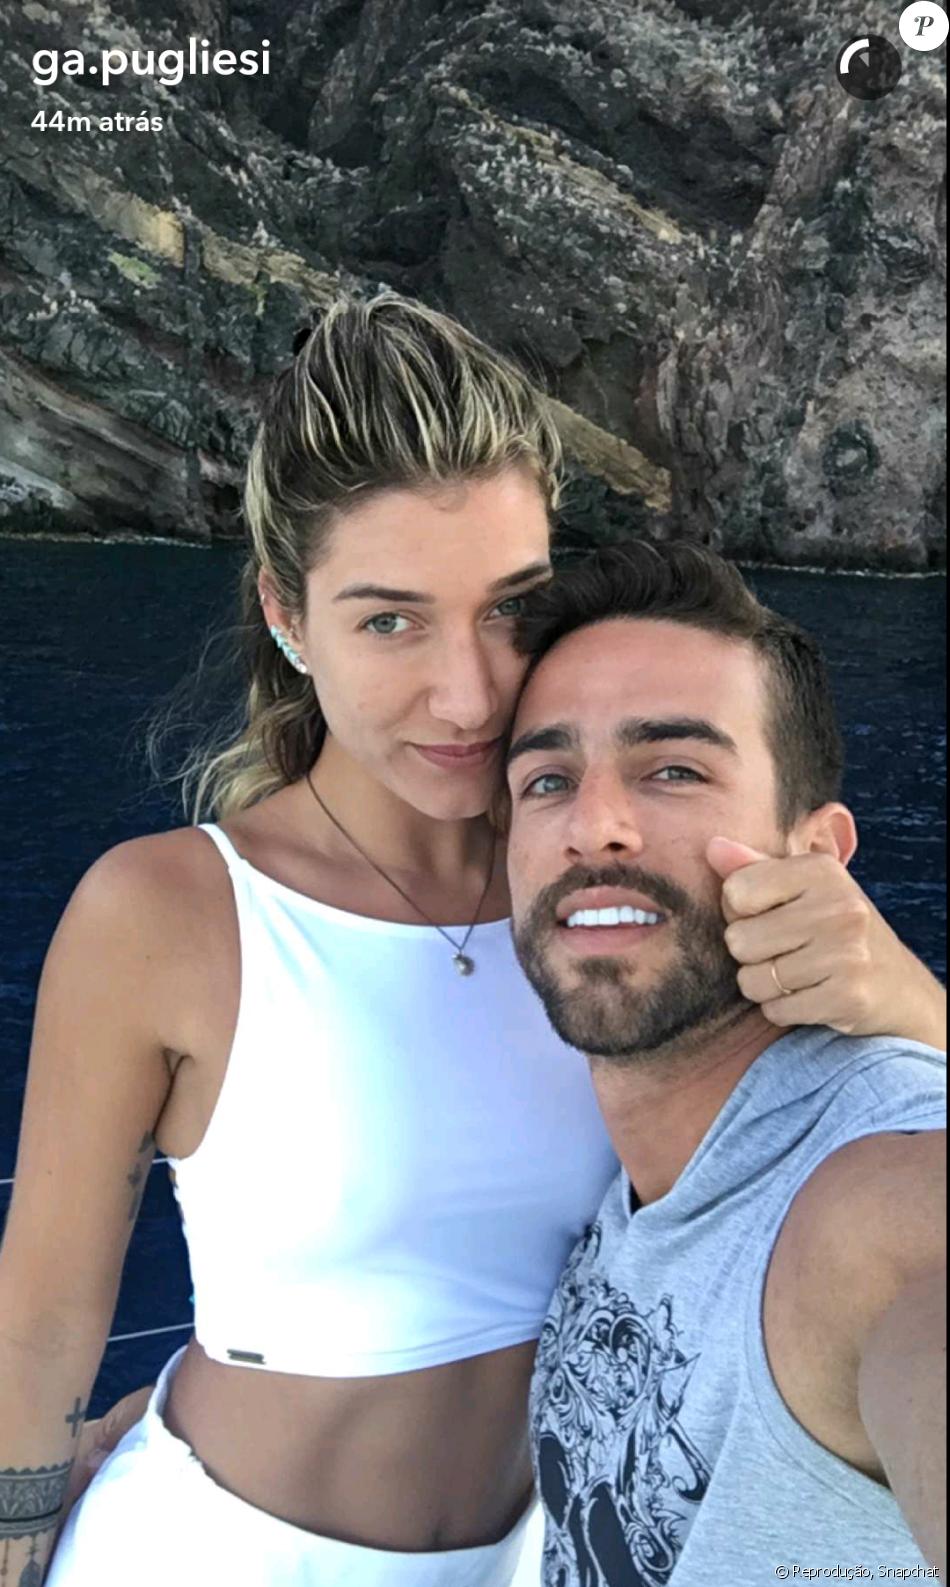 Gabriela Pugliesi foi pedida em casamento pelo namorado, Erasmo Vianna, na Grécia nesta sexta-feira, dia 08 de julho de 2016